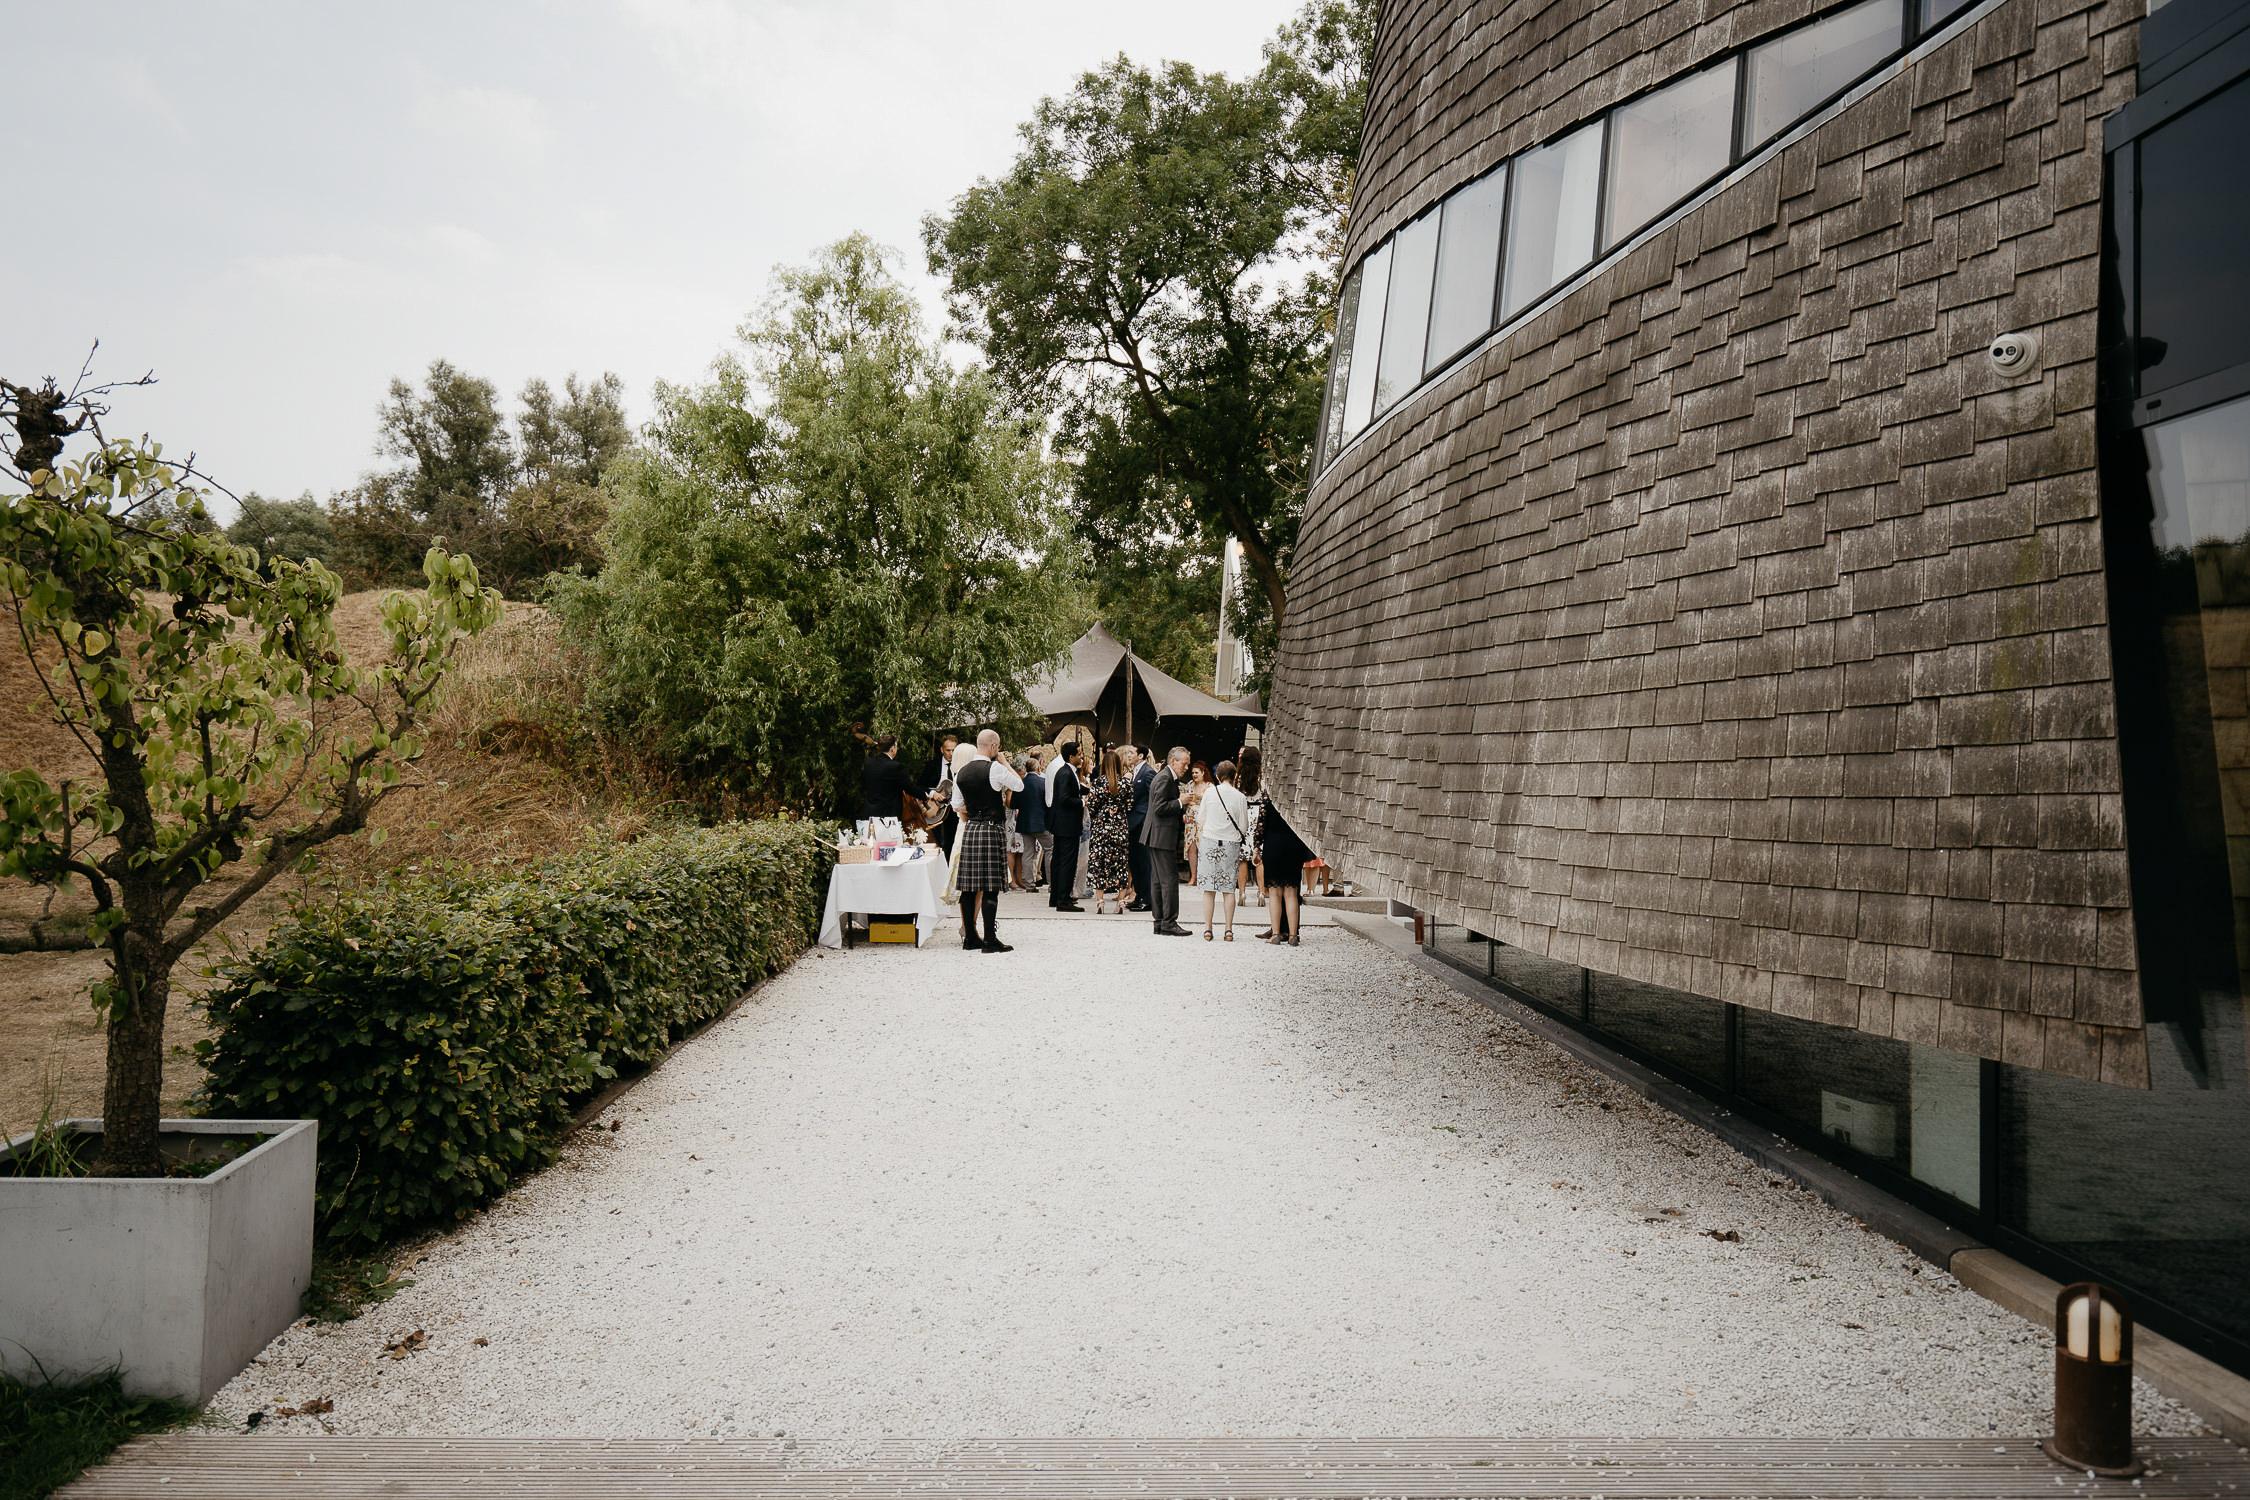 mooie bruiloft locatie  in Nederland fotografie door Mark hadden